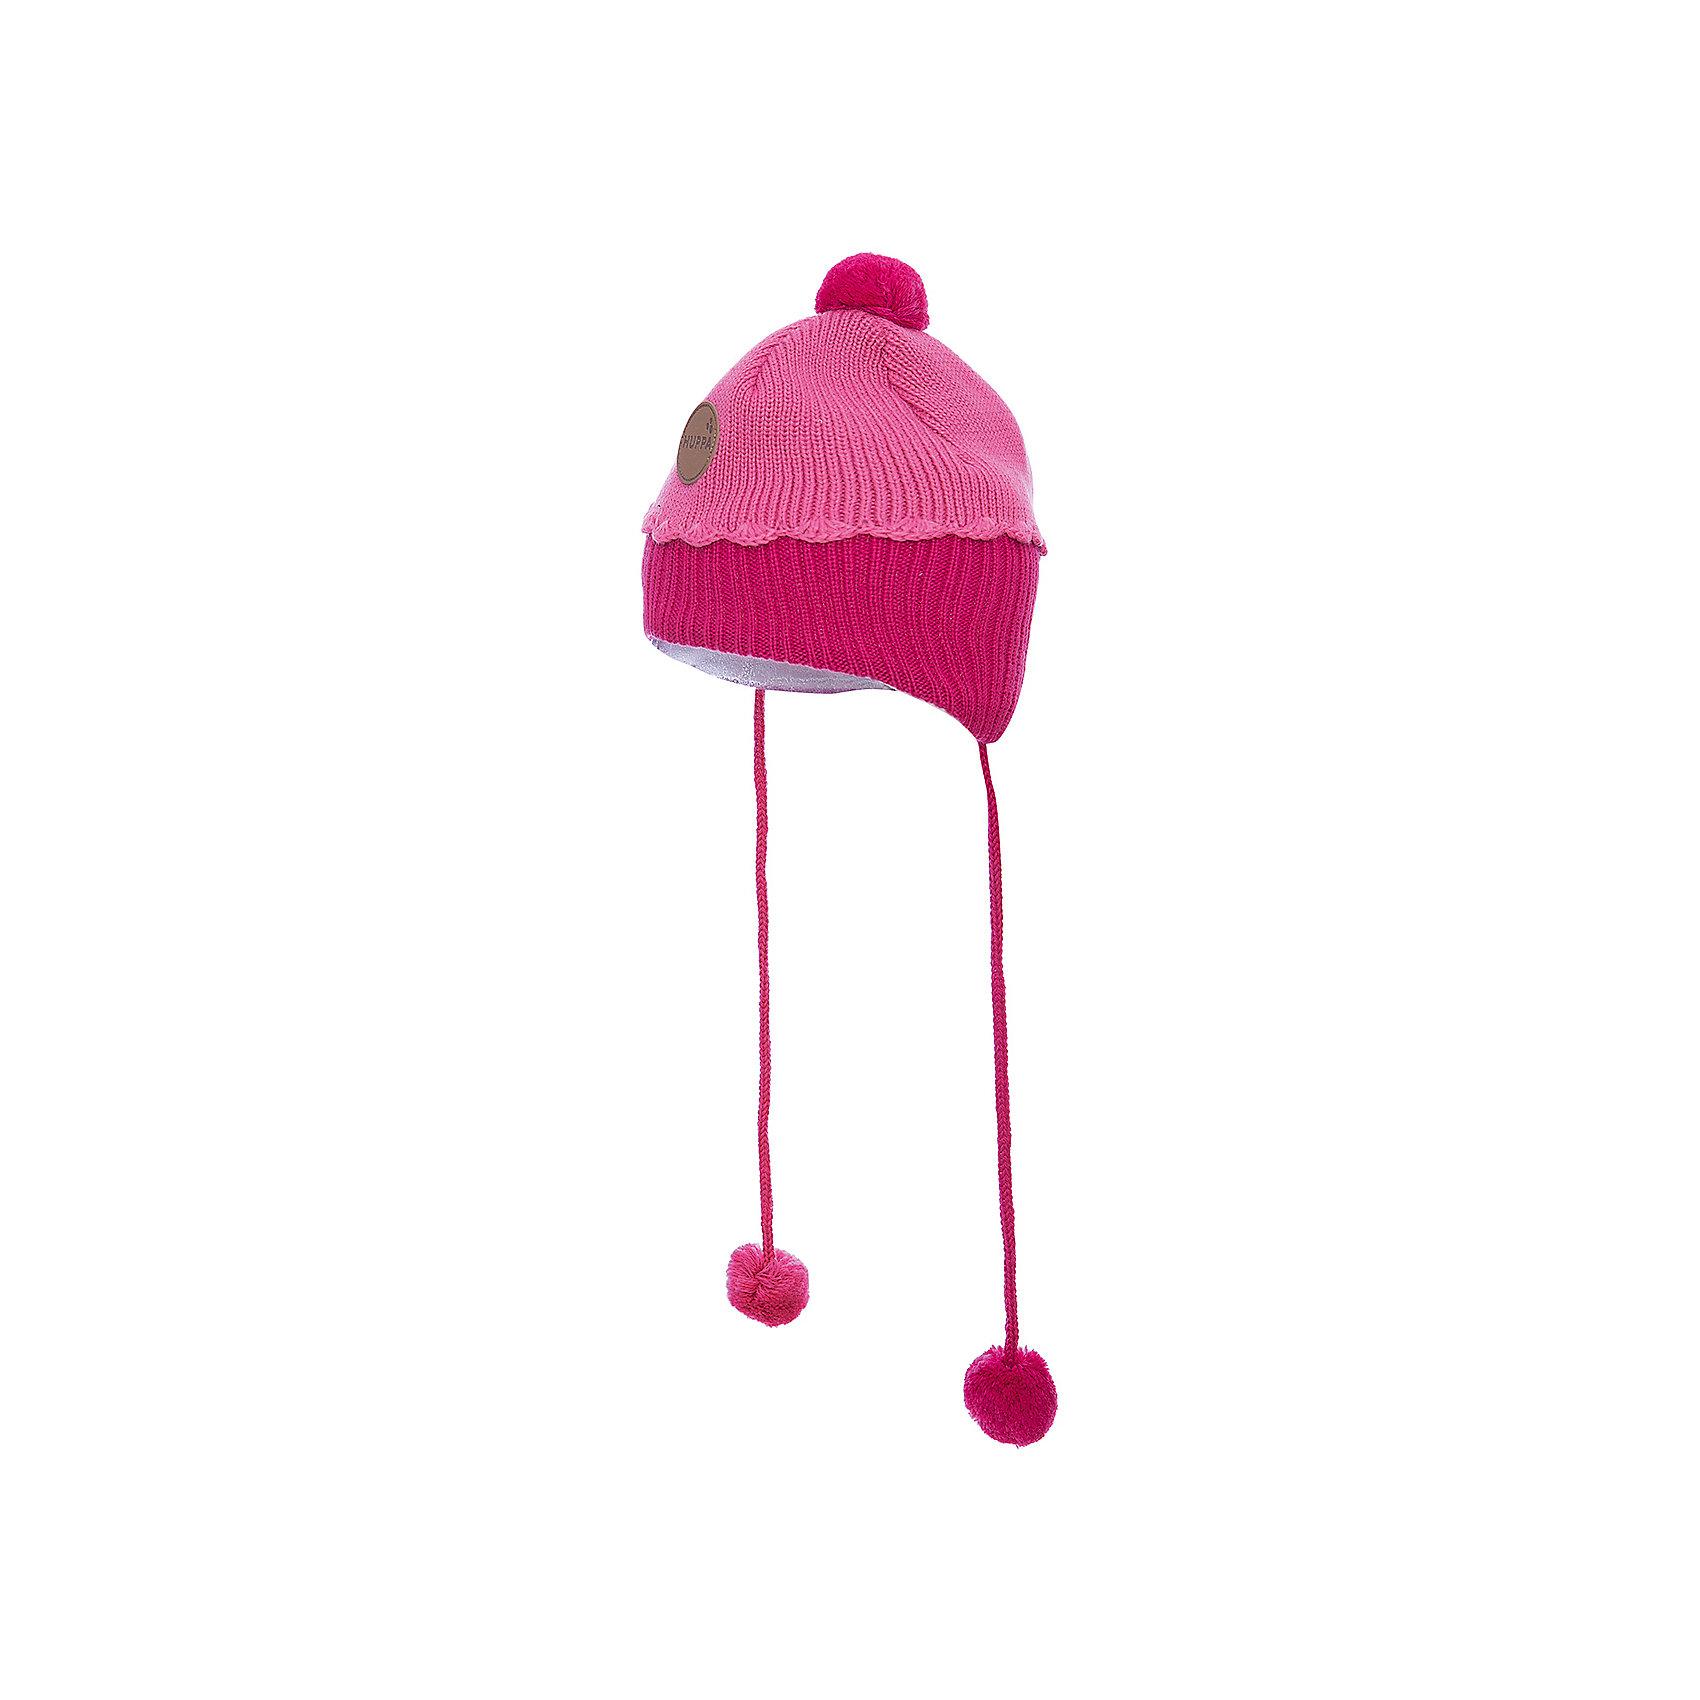 Шапка для девочки HuppaЗимняя вязаная двухцветная шапка для малышей. Для удобства ношения у шапки приятная подкладка из хлопкового трикотажа, наружная часть из смеси 50% мериносовой шерсти и 50% акриловой пряжи. Более интересной шапку делают разноцветные ленты с помпонами, при помощи которых шапку можно завязать и защитить уши от холода, а также кружева в разрезе. <br><br><br><br>Шапку для девочки Huppa (Хуппа) можно купить в нашем магазине.<br><br>Ширина мм: 89<br>Глубина мм: 117<br>Высота мм: 44<br>Вес г: 155<br>Цвет: розовый<br>Возраст от месяцев: 12<br>Возраст до месяцев: 24<br>Пол: Женский<br>Возраст: Детский<br>Размер: 47-49,43-45,51-53<br>SKU: 4242920